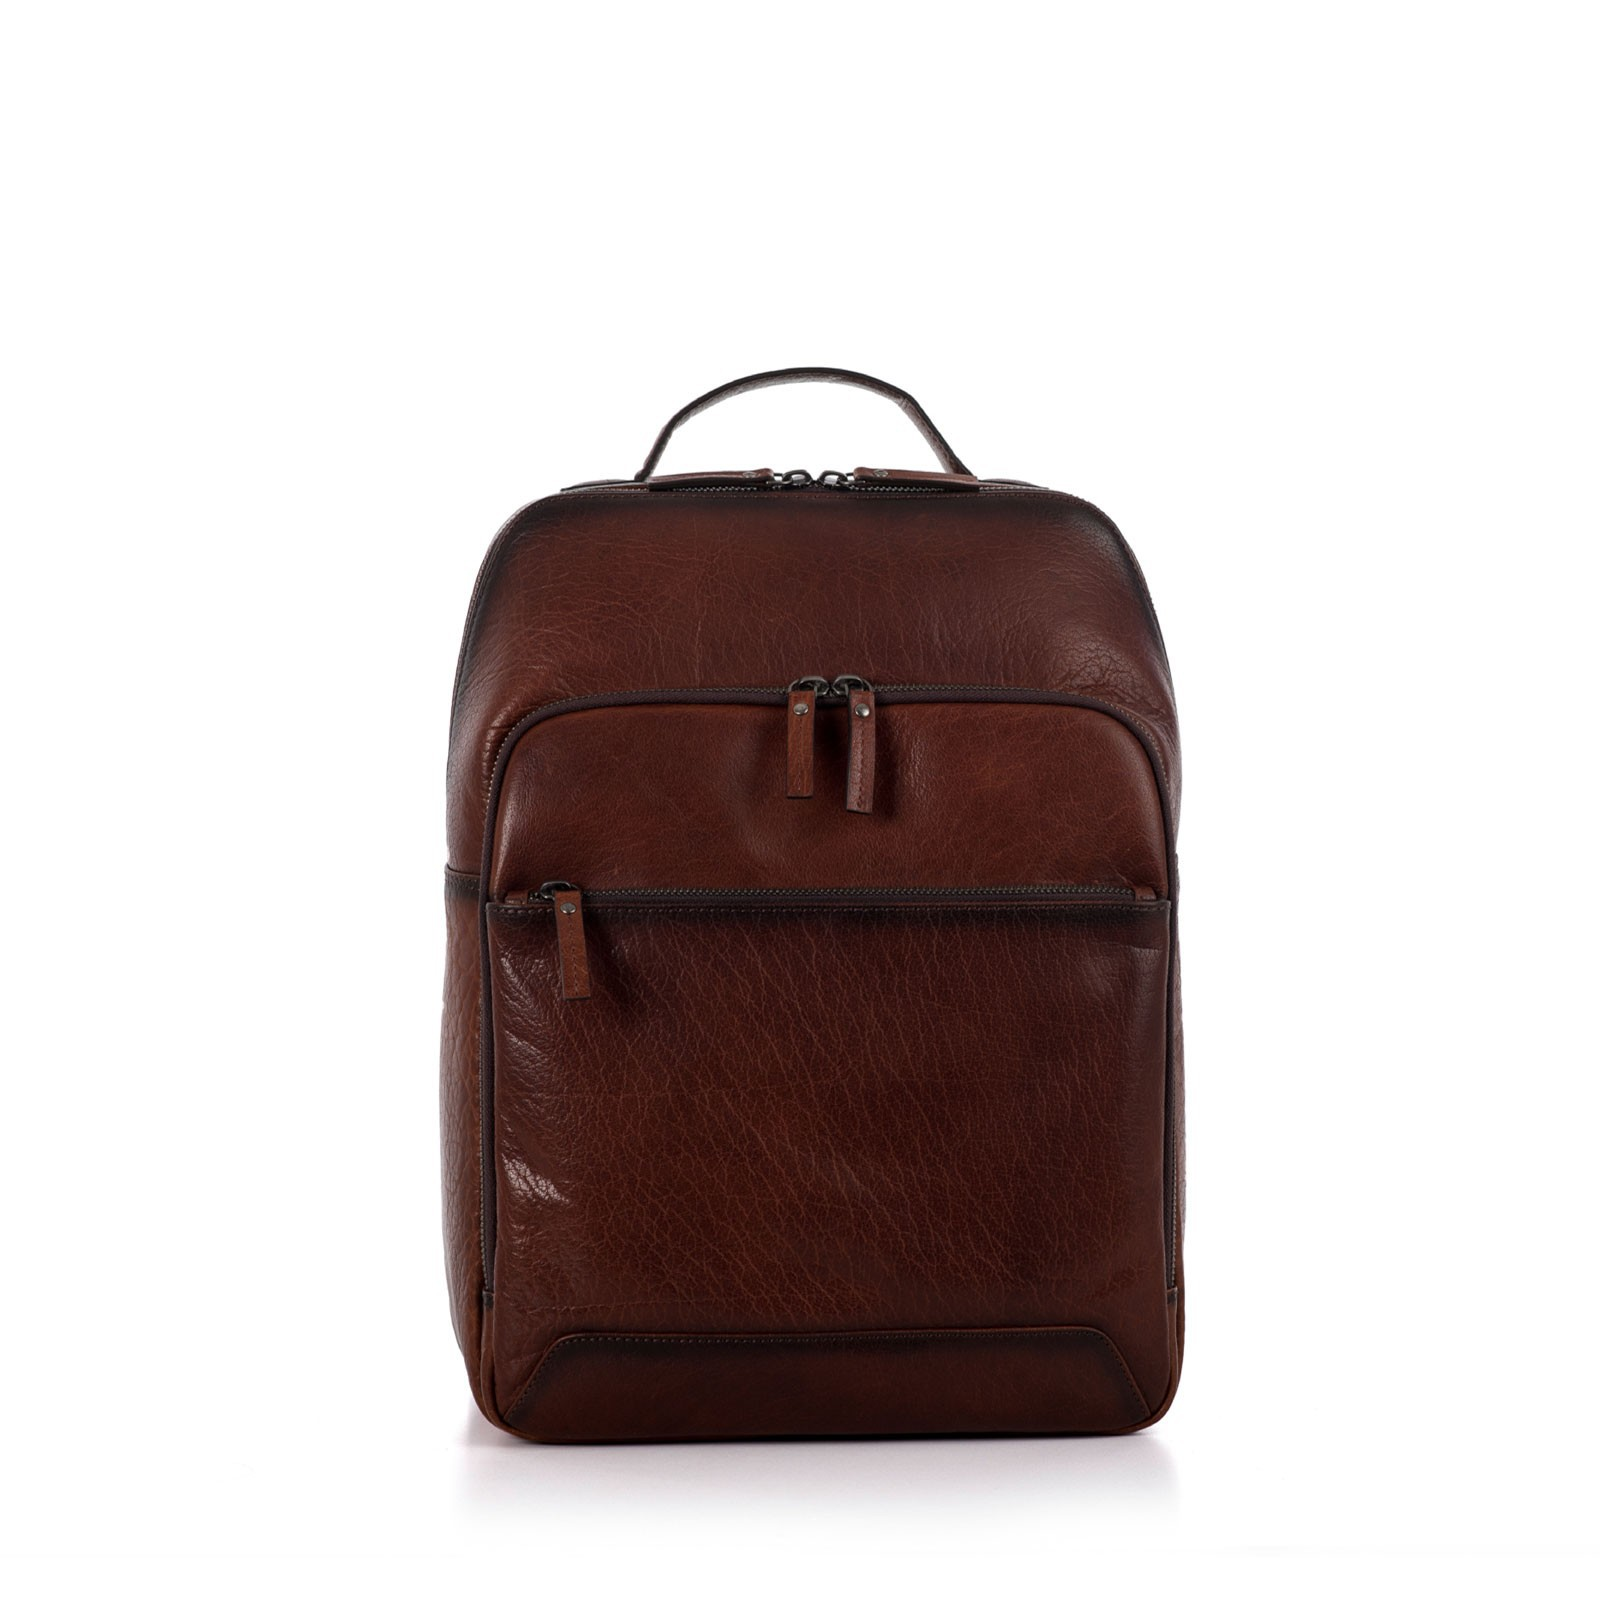 Woman s leather bag 0dd272580db